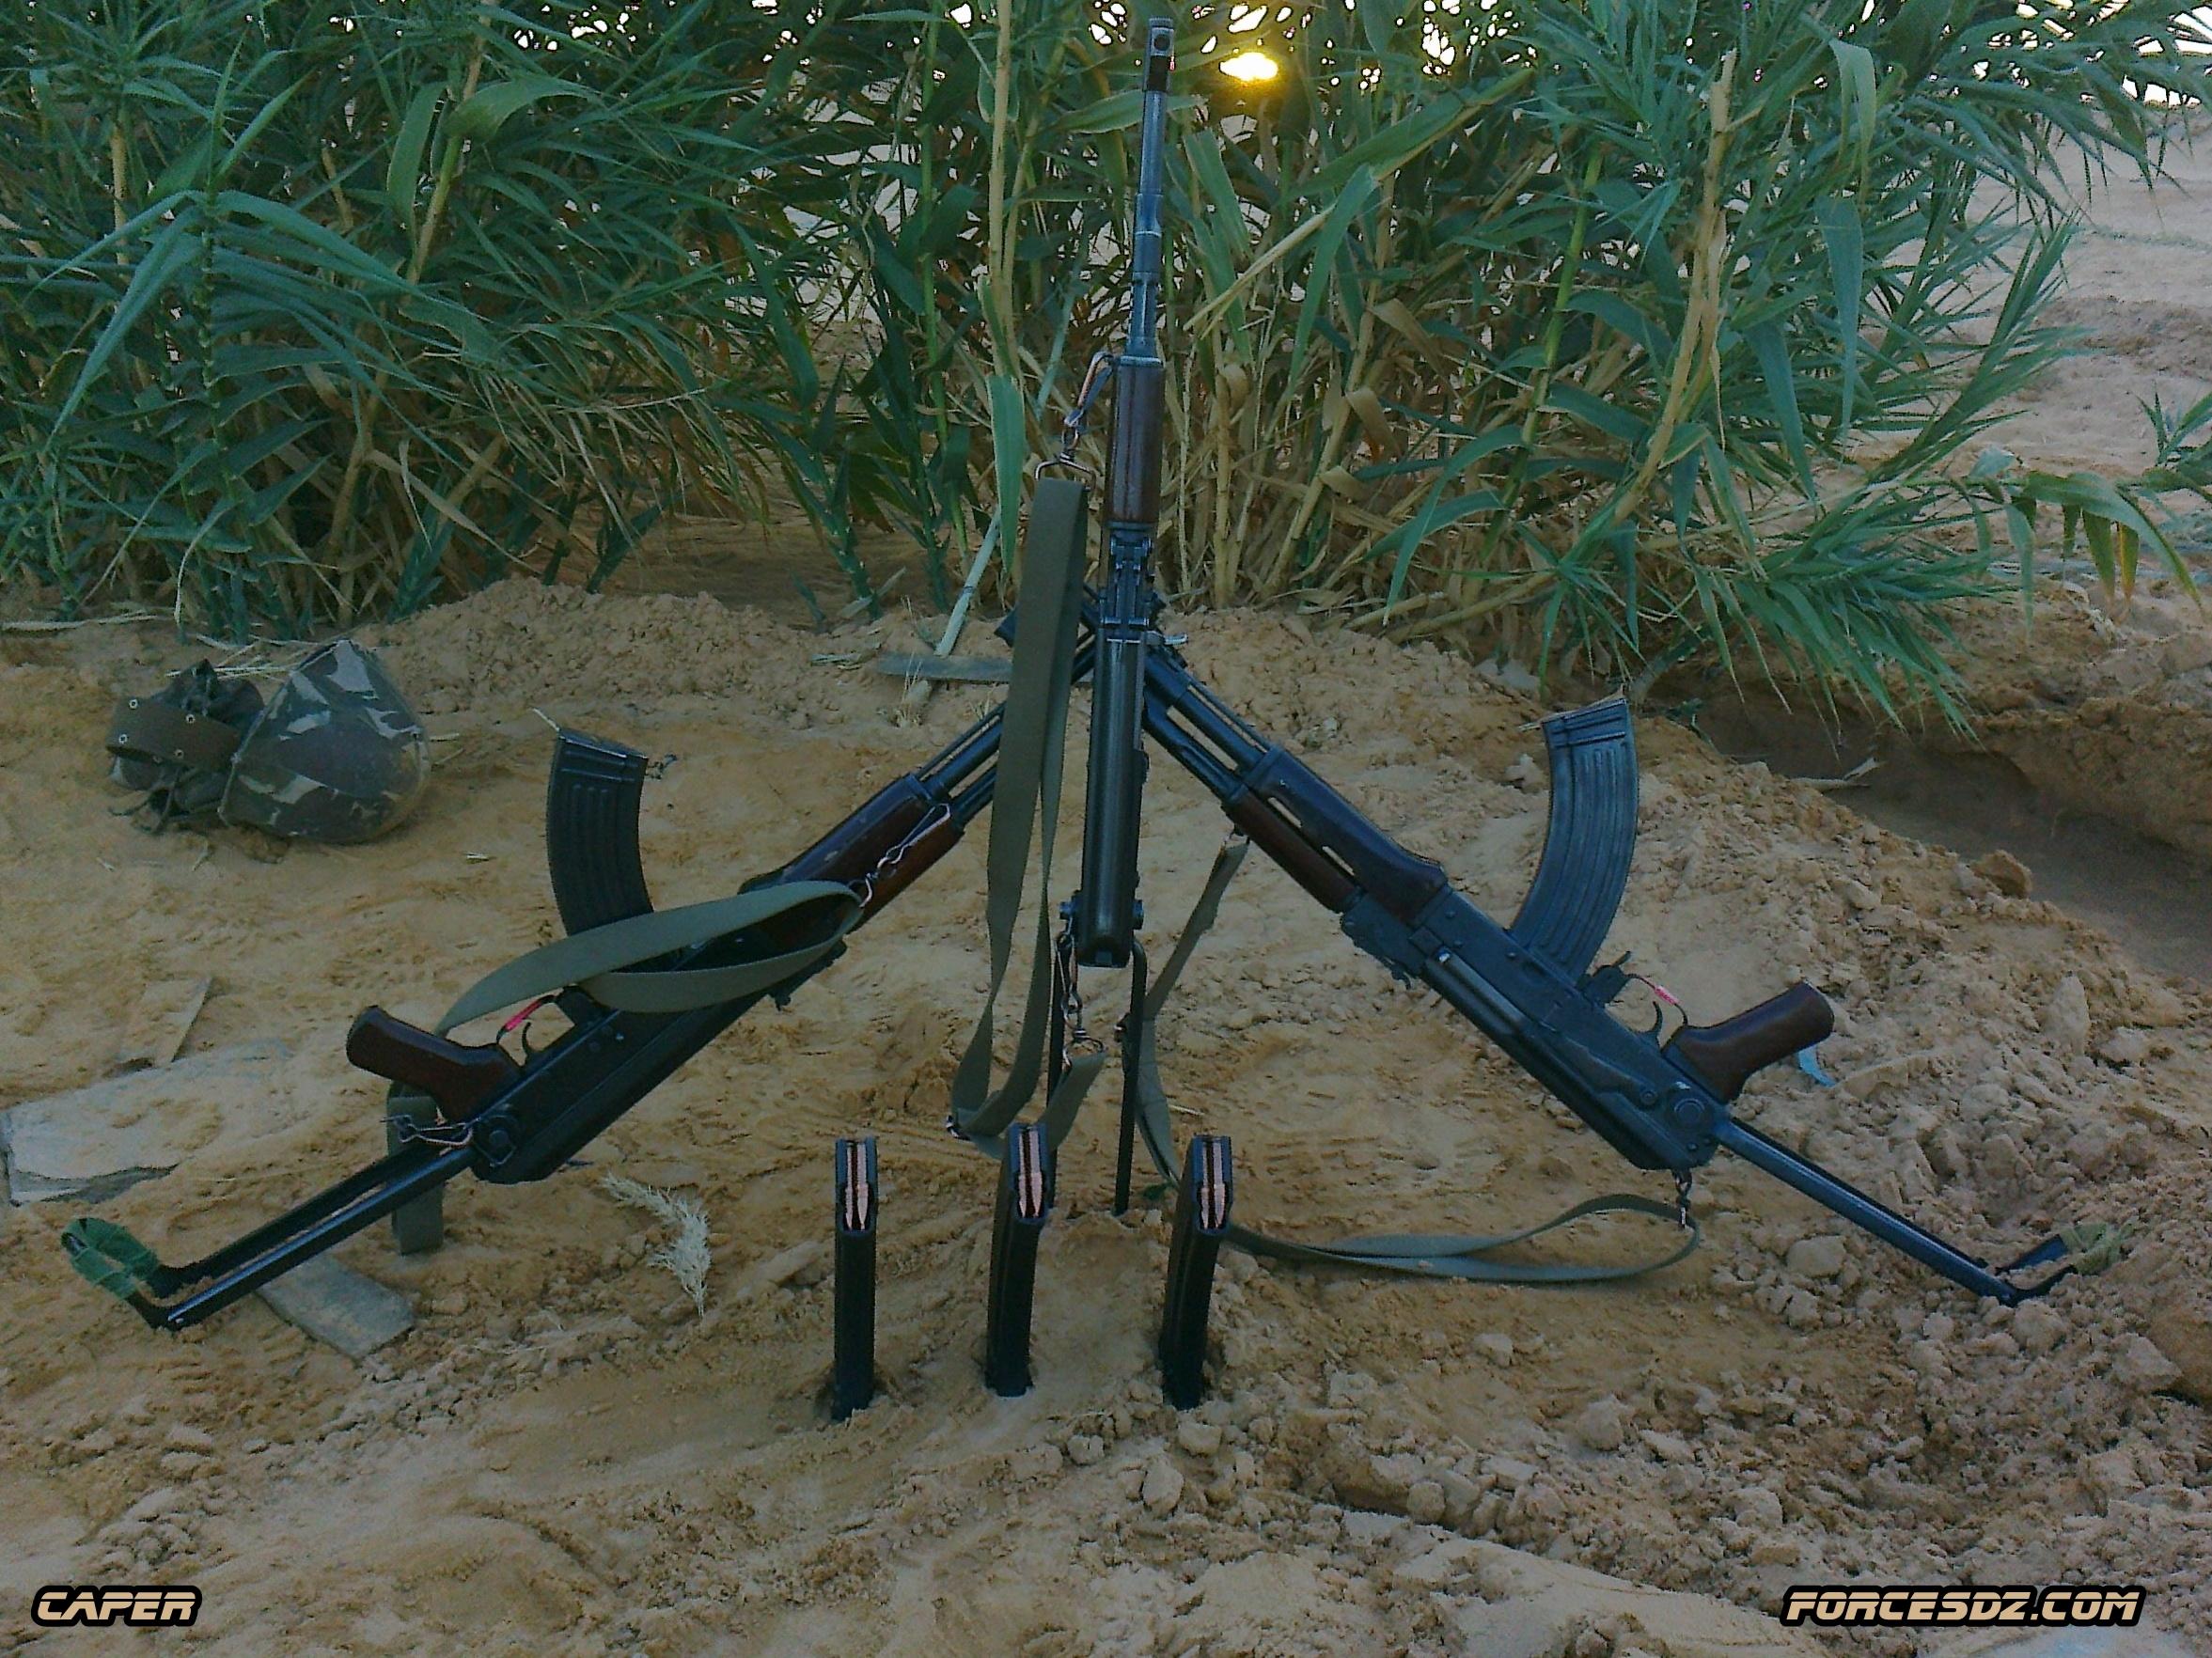 الصناعة العسكرية الجزائرية  [ AKM / Kalashnikov ]  32757236613_7323dfd287_o